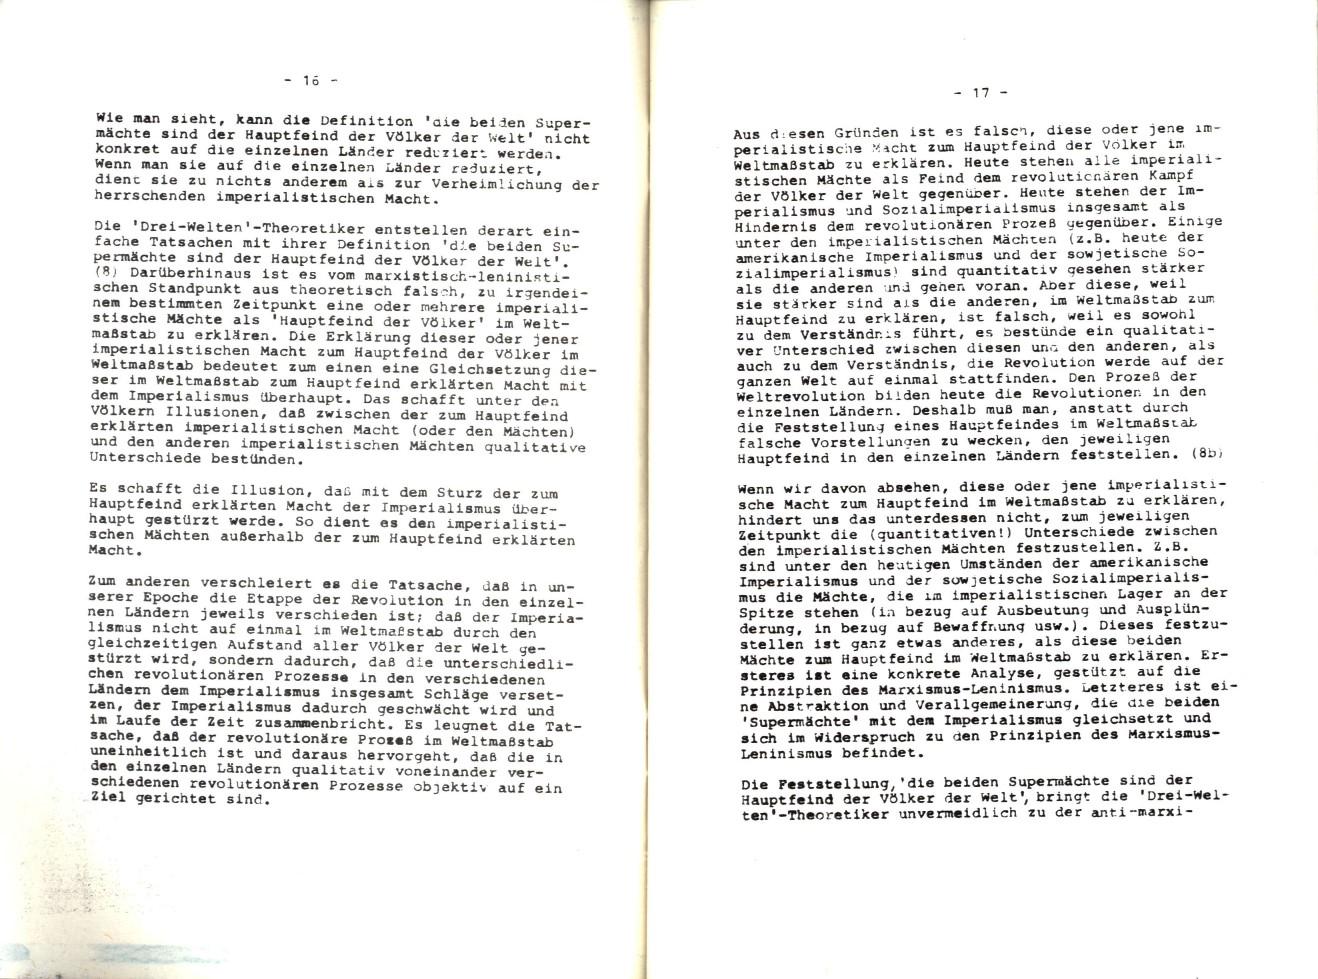 MLSK_Theorie_und_Praxis_des_ML_1978_21_17